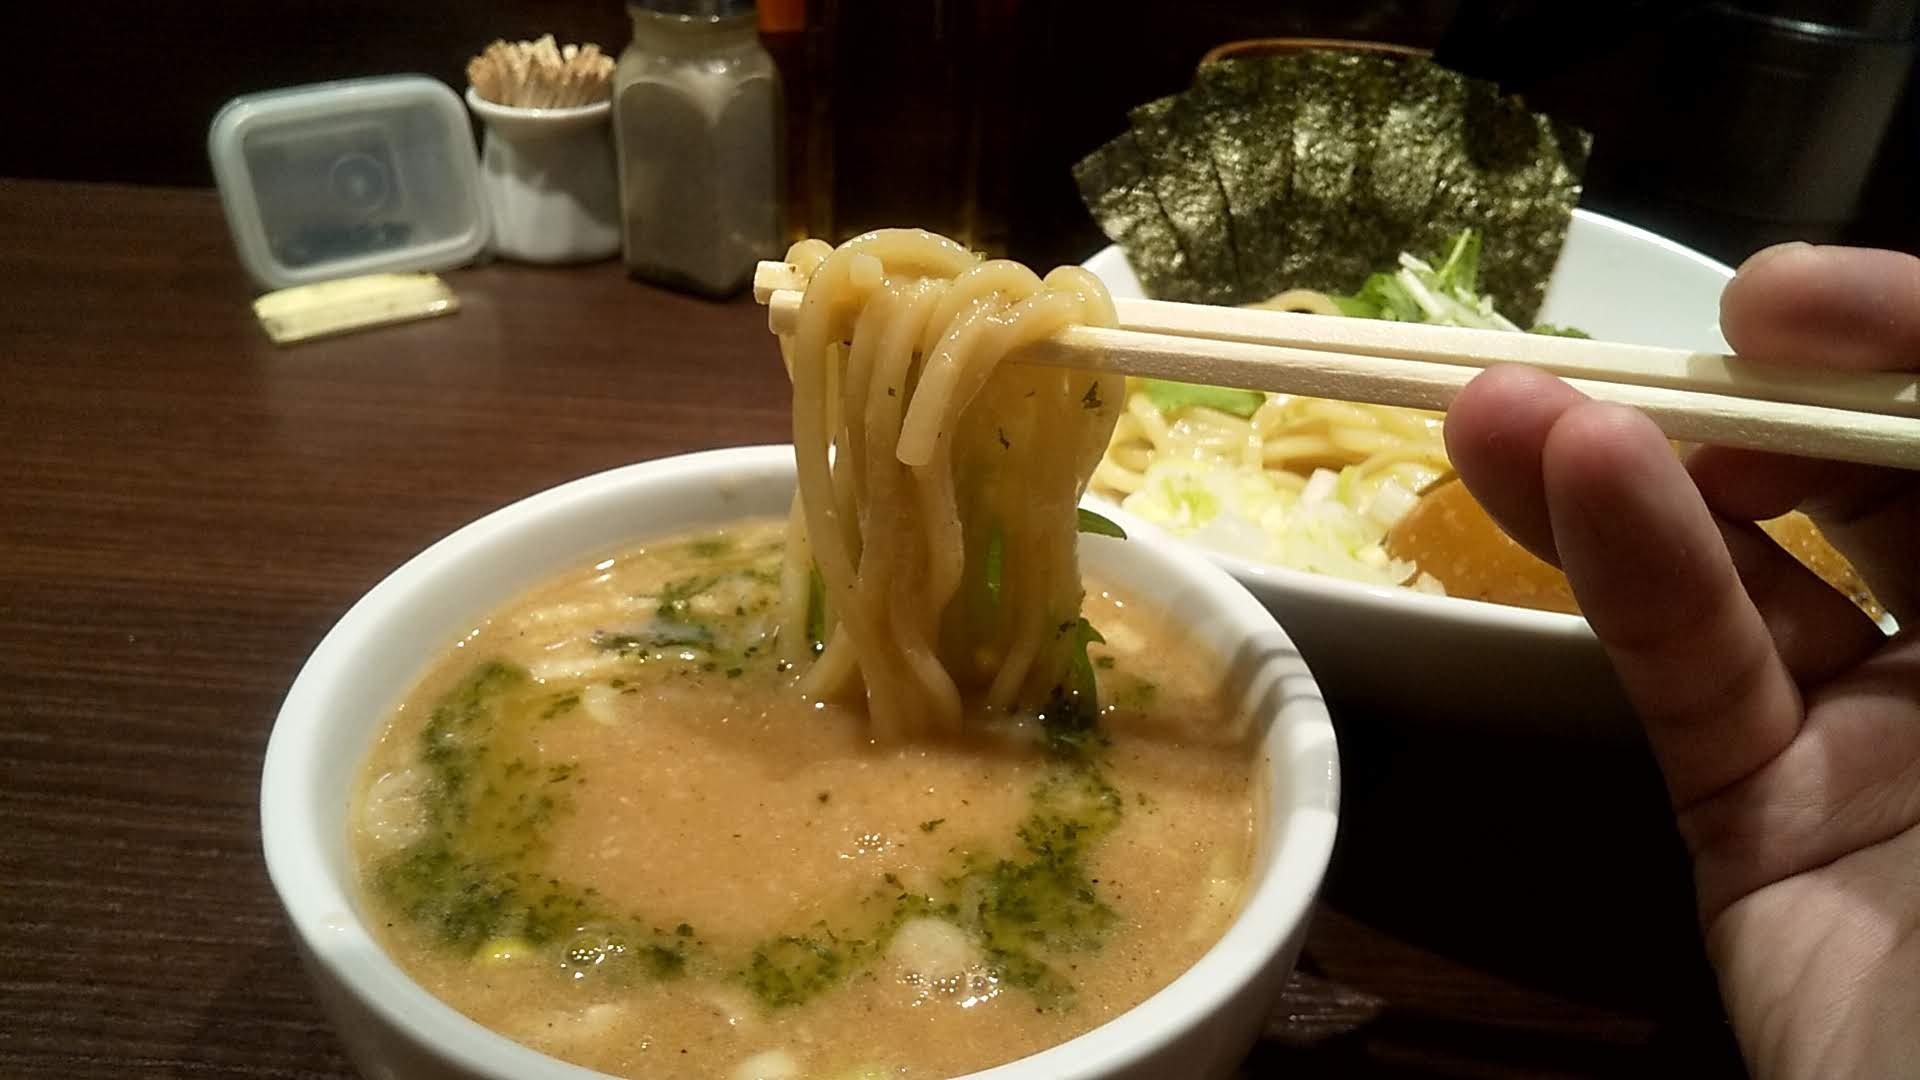 izasaの特製つけ麺のリフトアップ